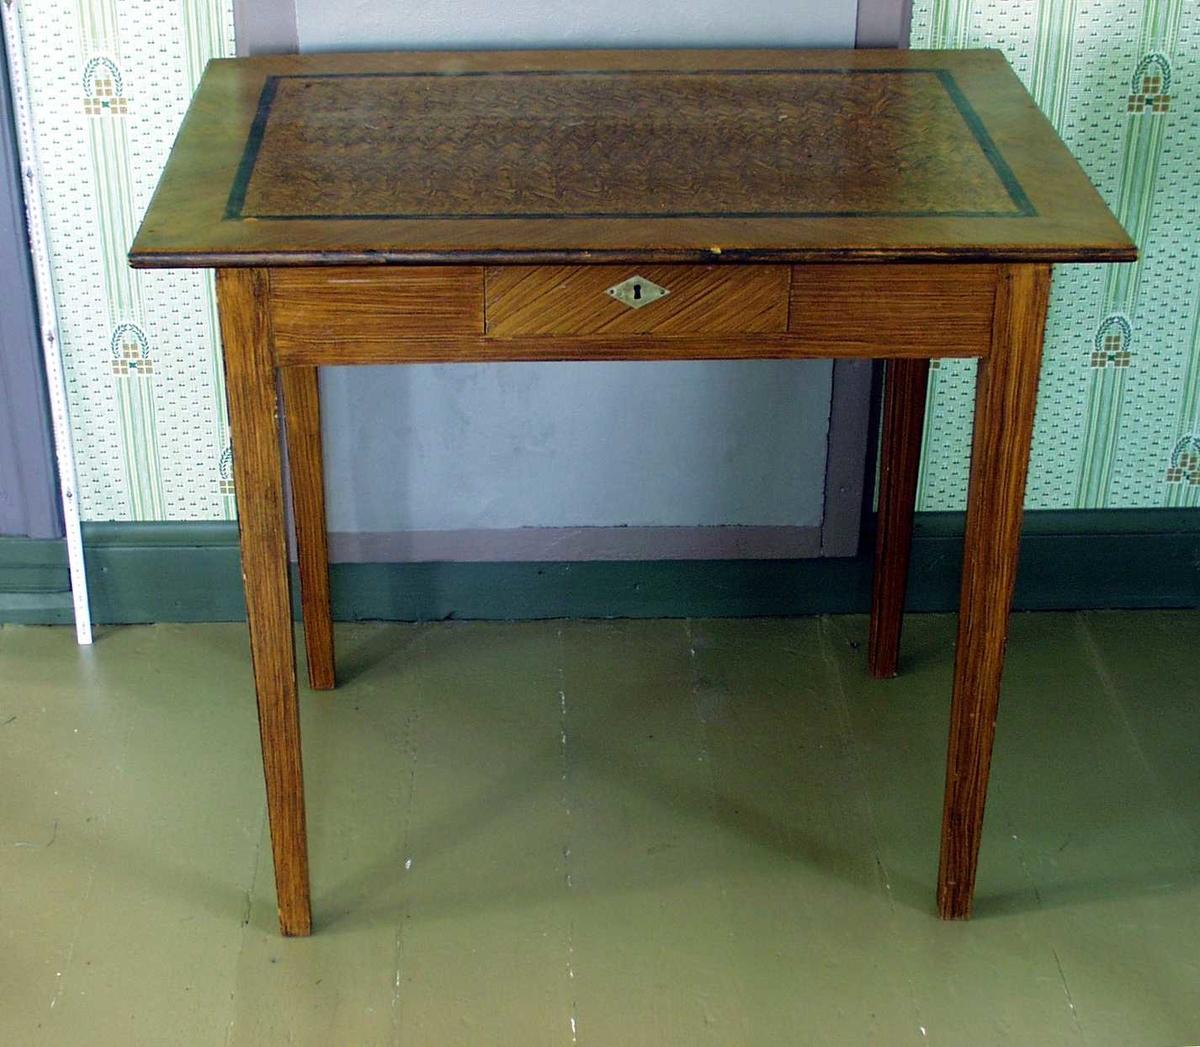 Firkantet bord med liten skuff. Dekoret med sort kantlinje på bordflata.